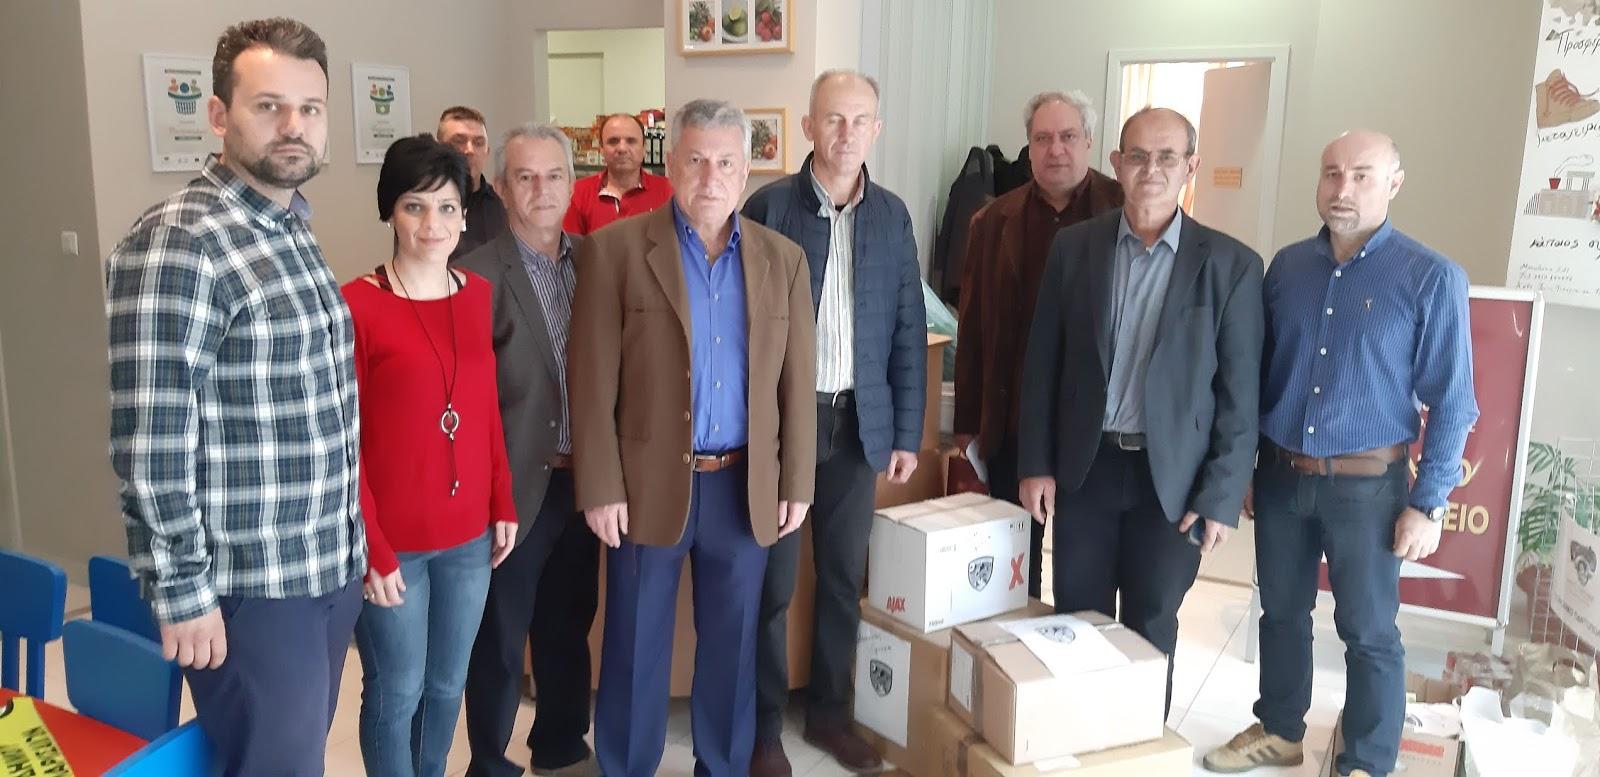 Προσφορά τροφίμων από την Ένωση Αποστράτων Αεροπορίας στο Κοινωνικό Παντοπωλείο Λάρισας